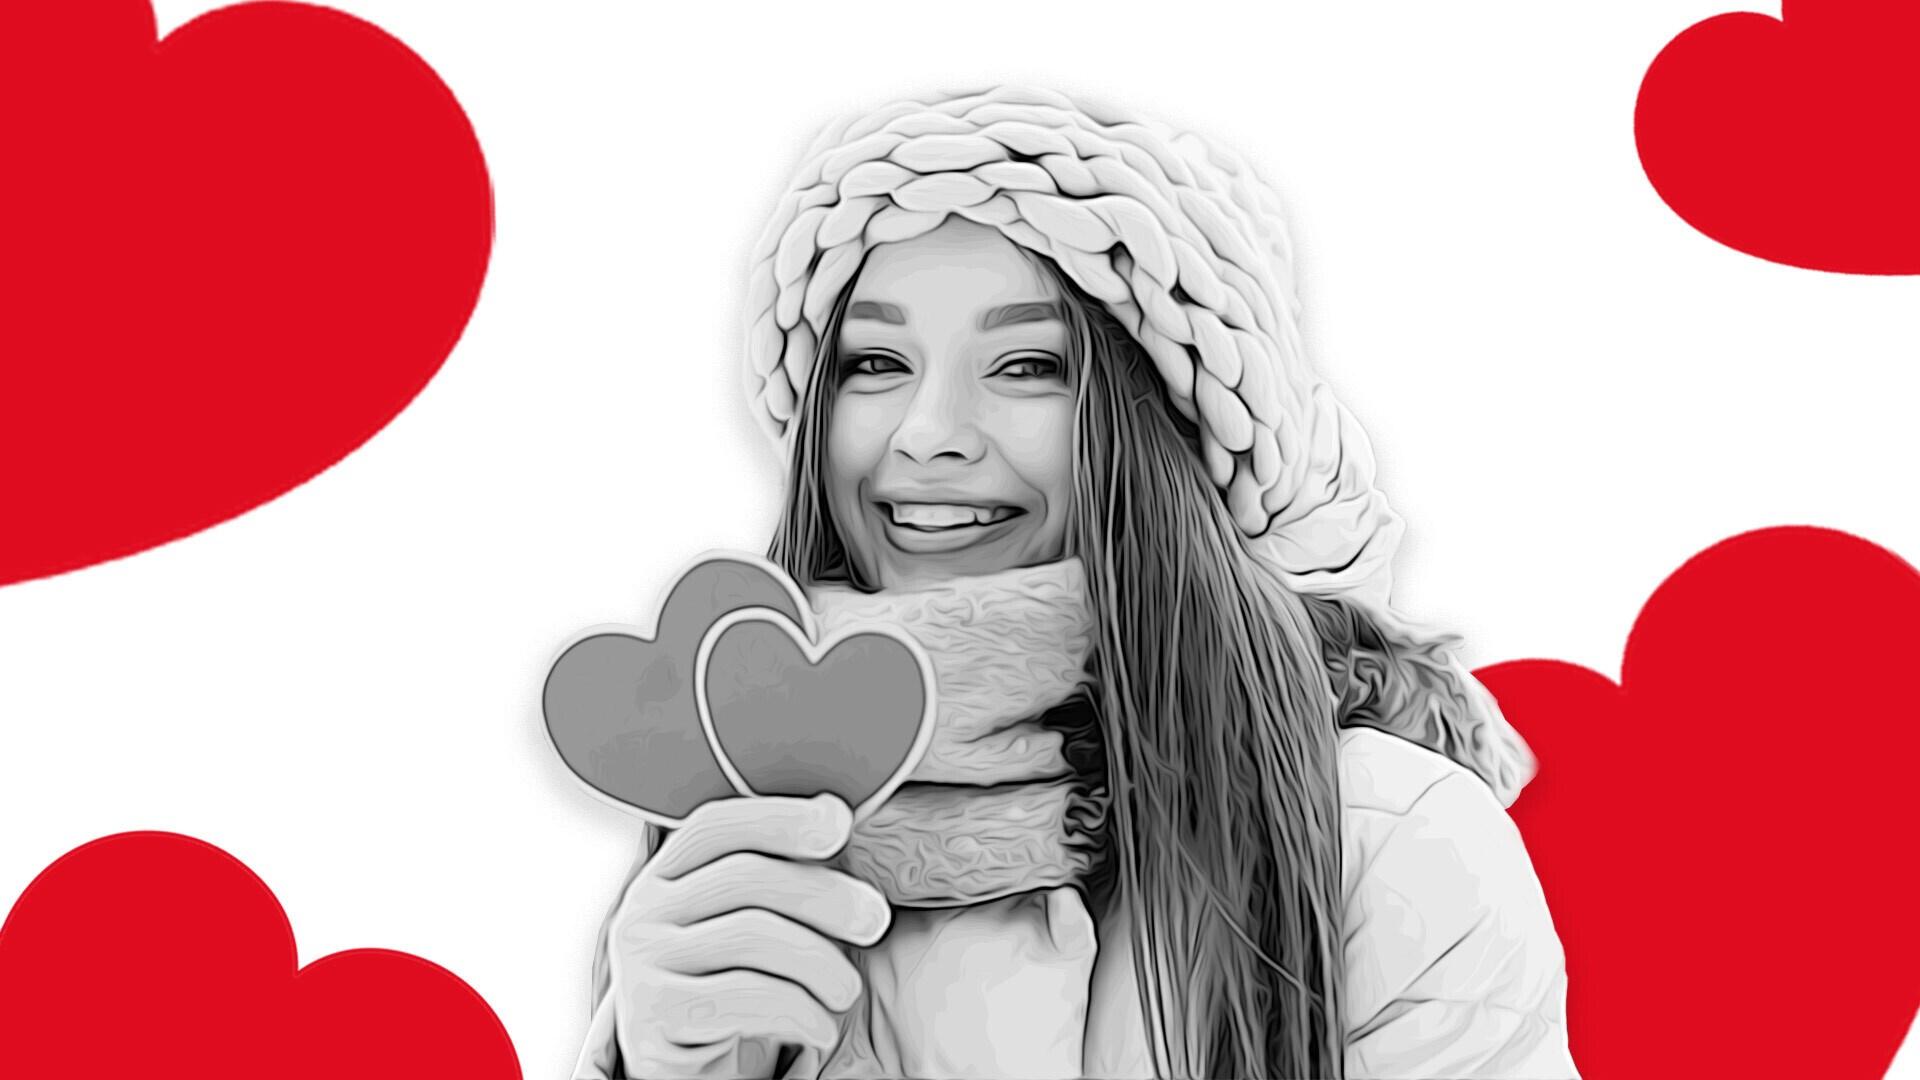 Le più belle campagne di sempre dedicate all'amore